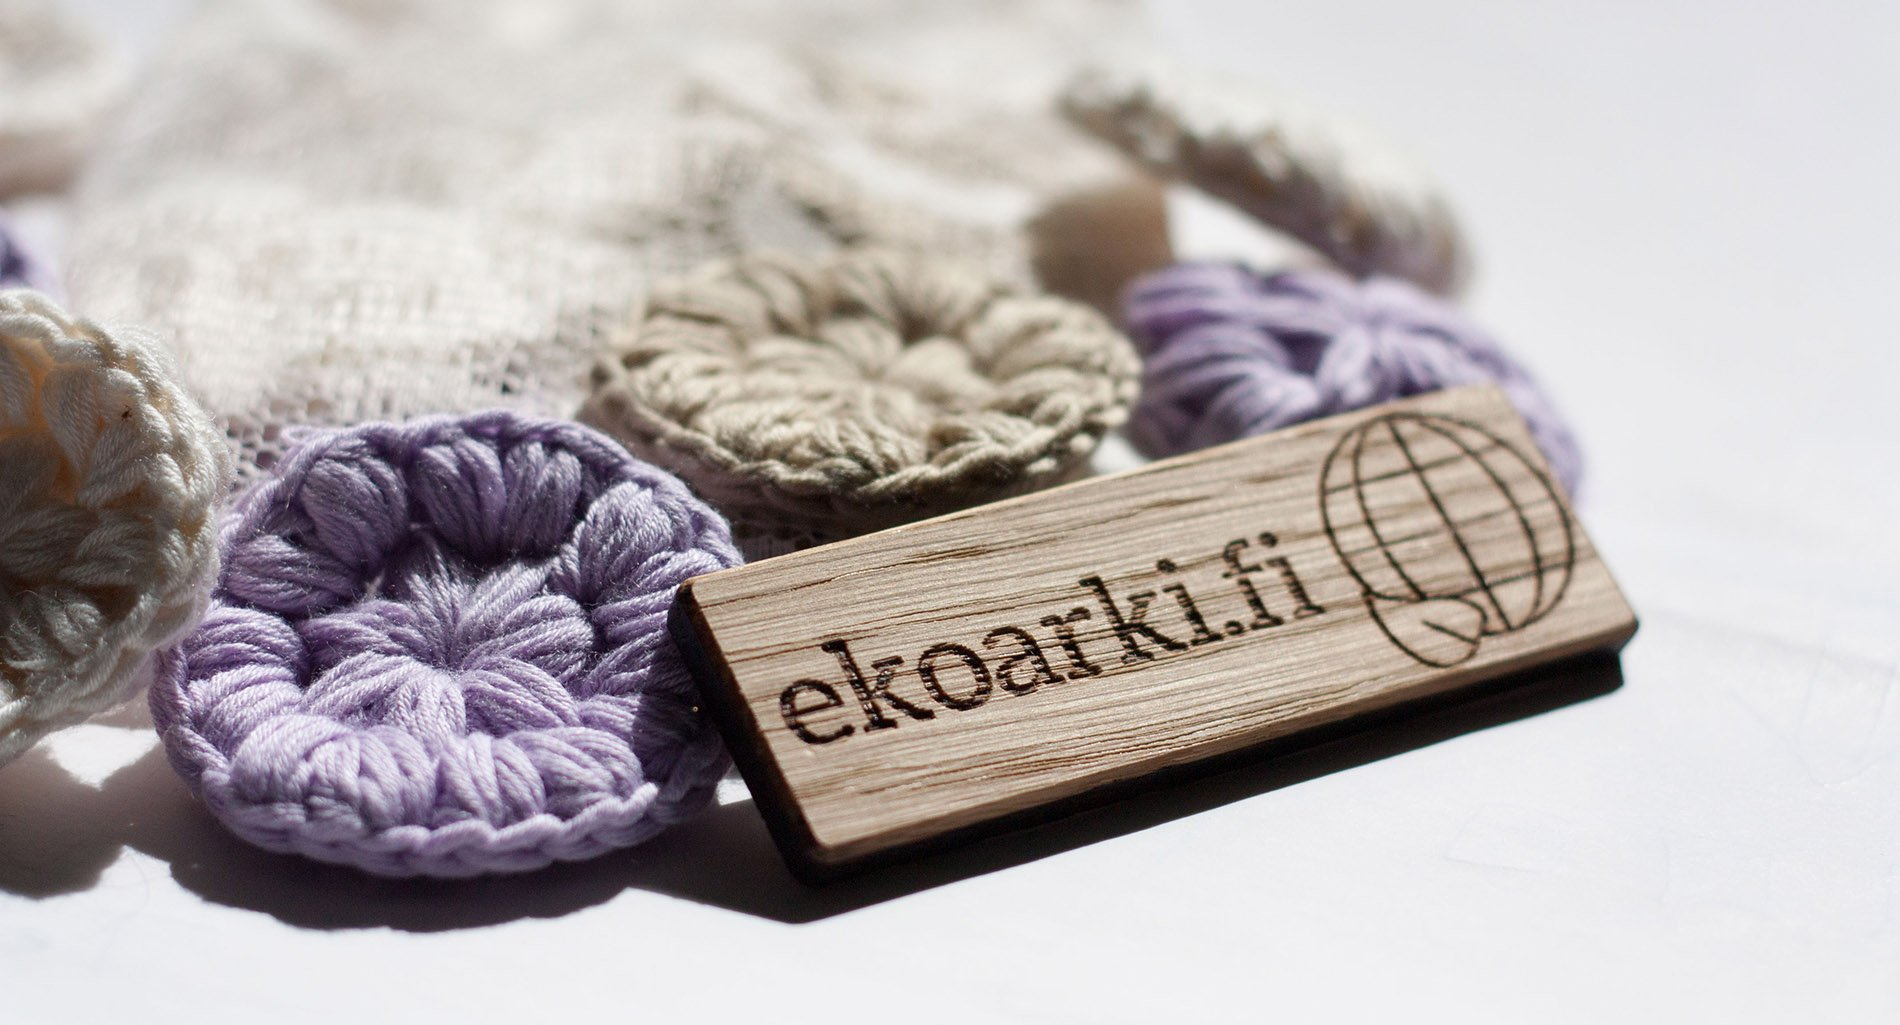 http://ekoarki.fi/